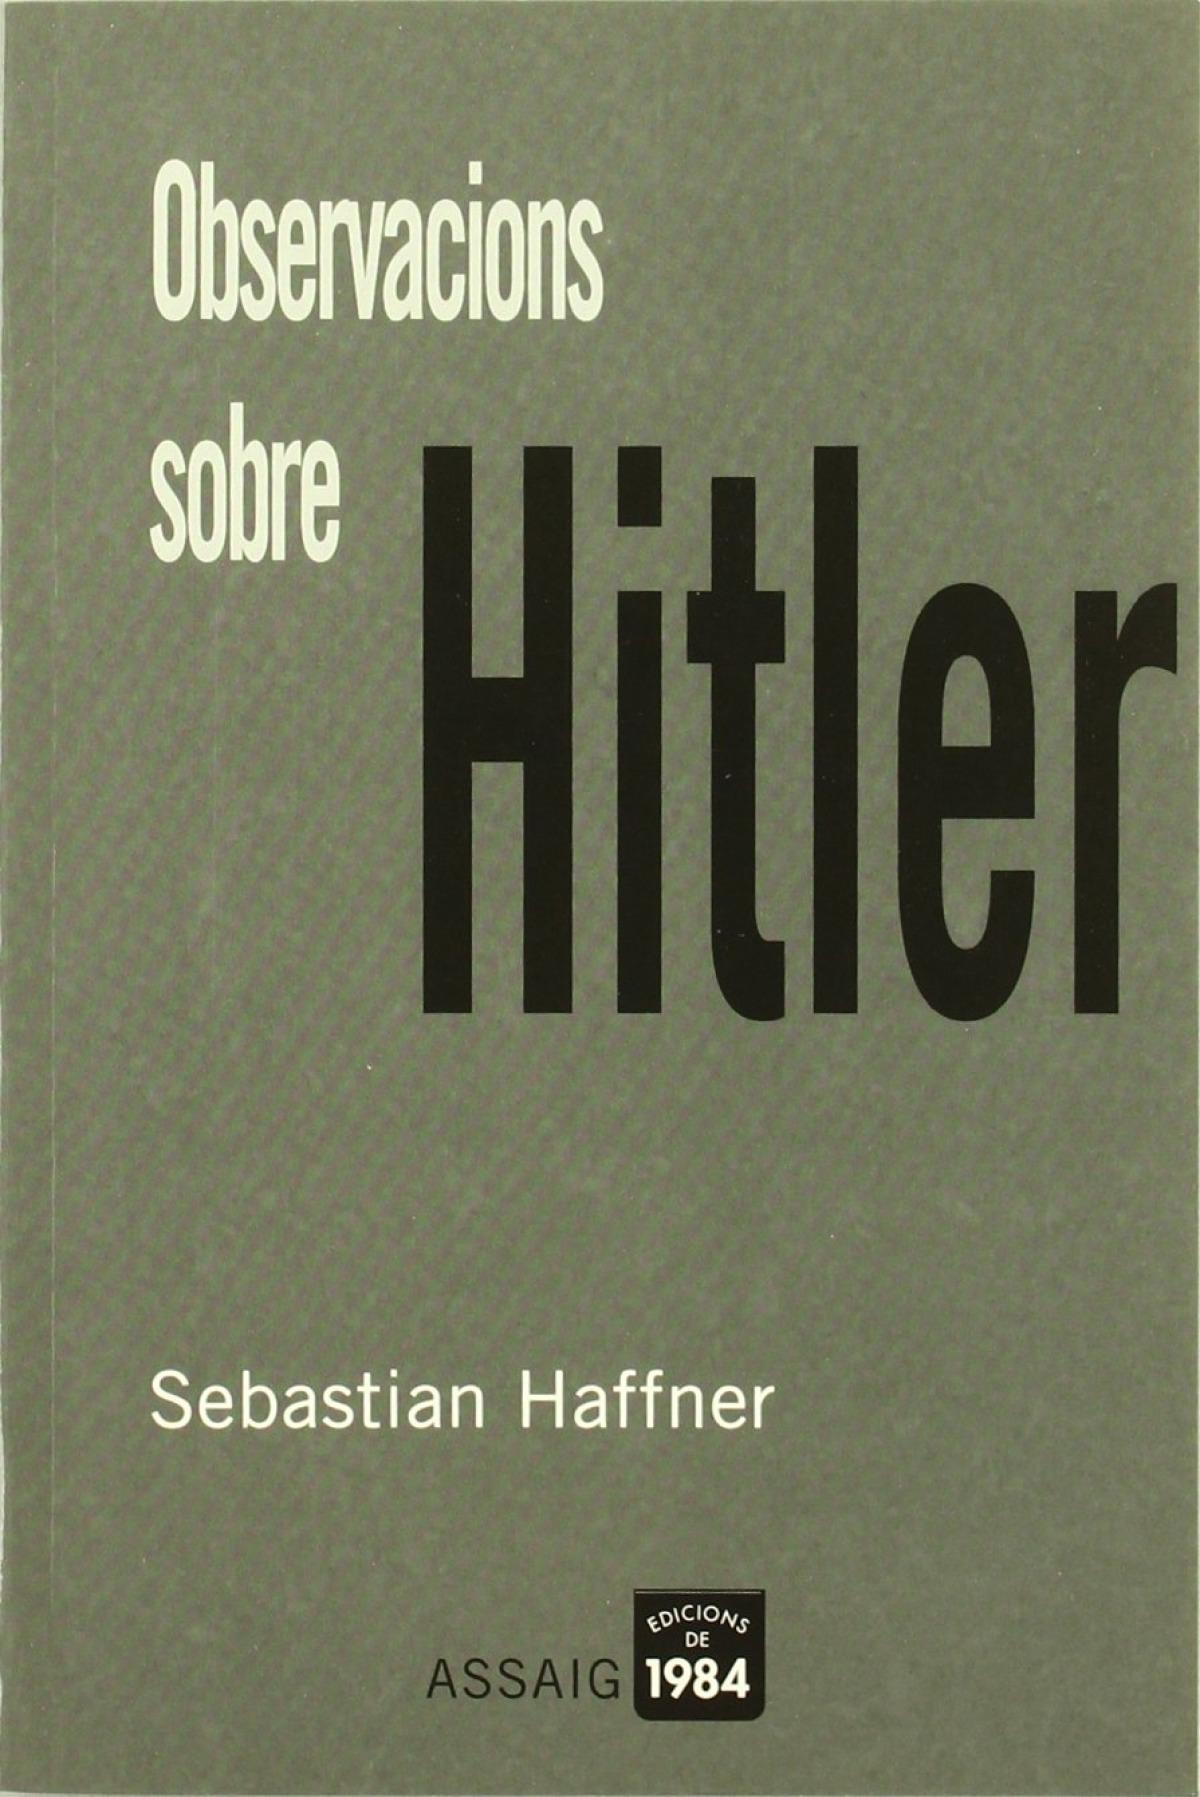 Observacions sobre Hitler